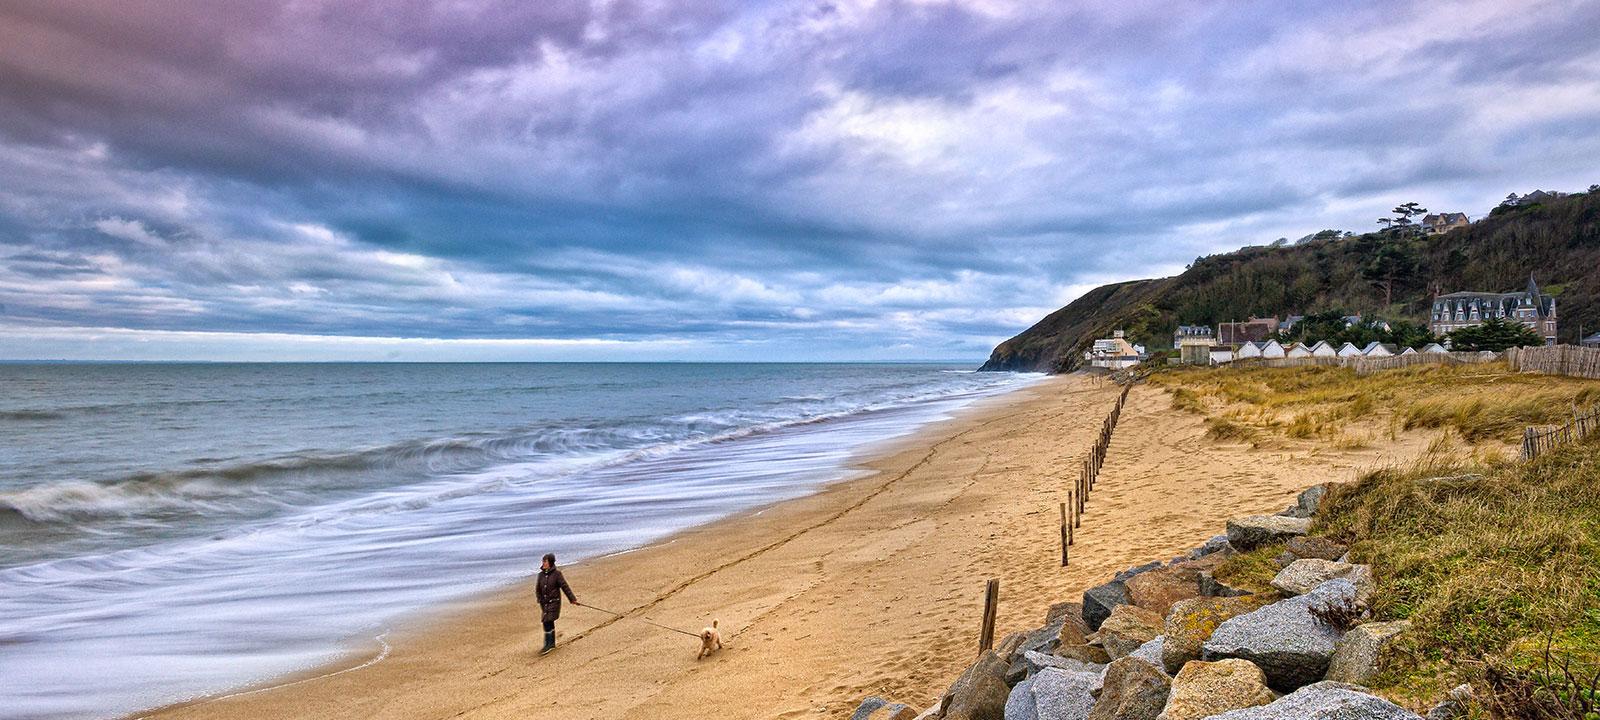 vacances-normandie-plage-carolles-m-lerouge-1600x720